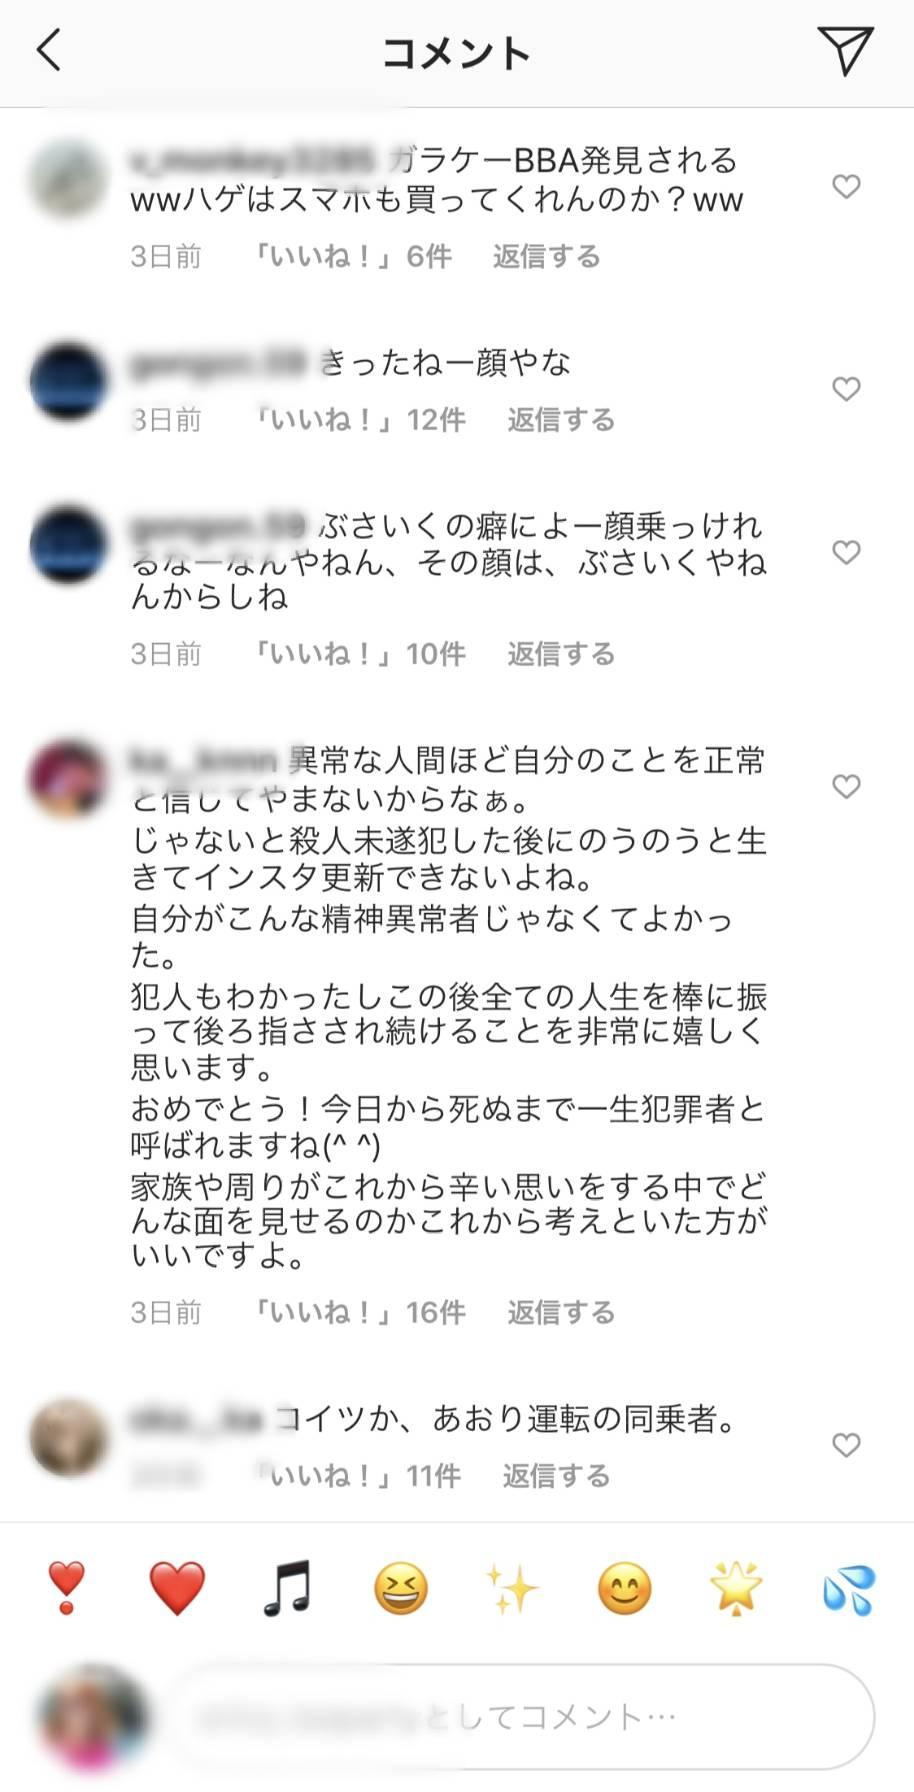 女性のインスタグラムのコメント欄に殺到した誹謗中傷